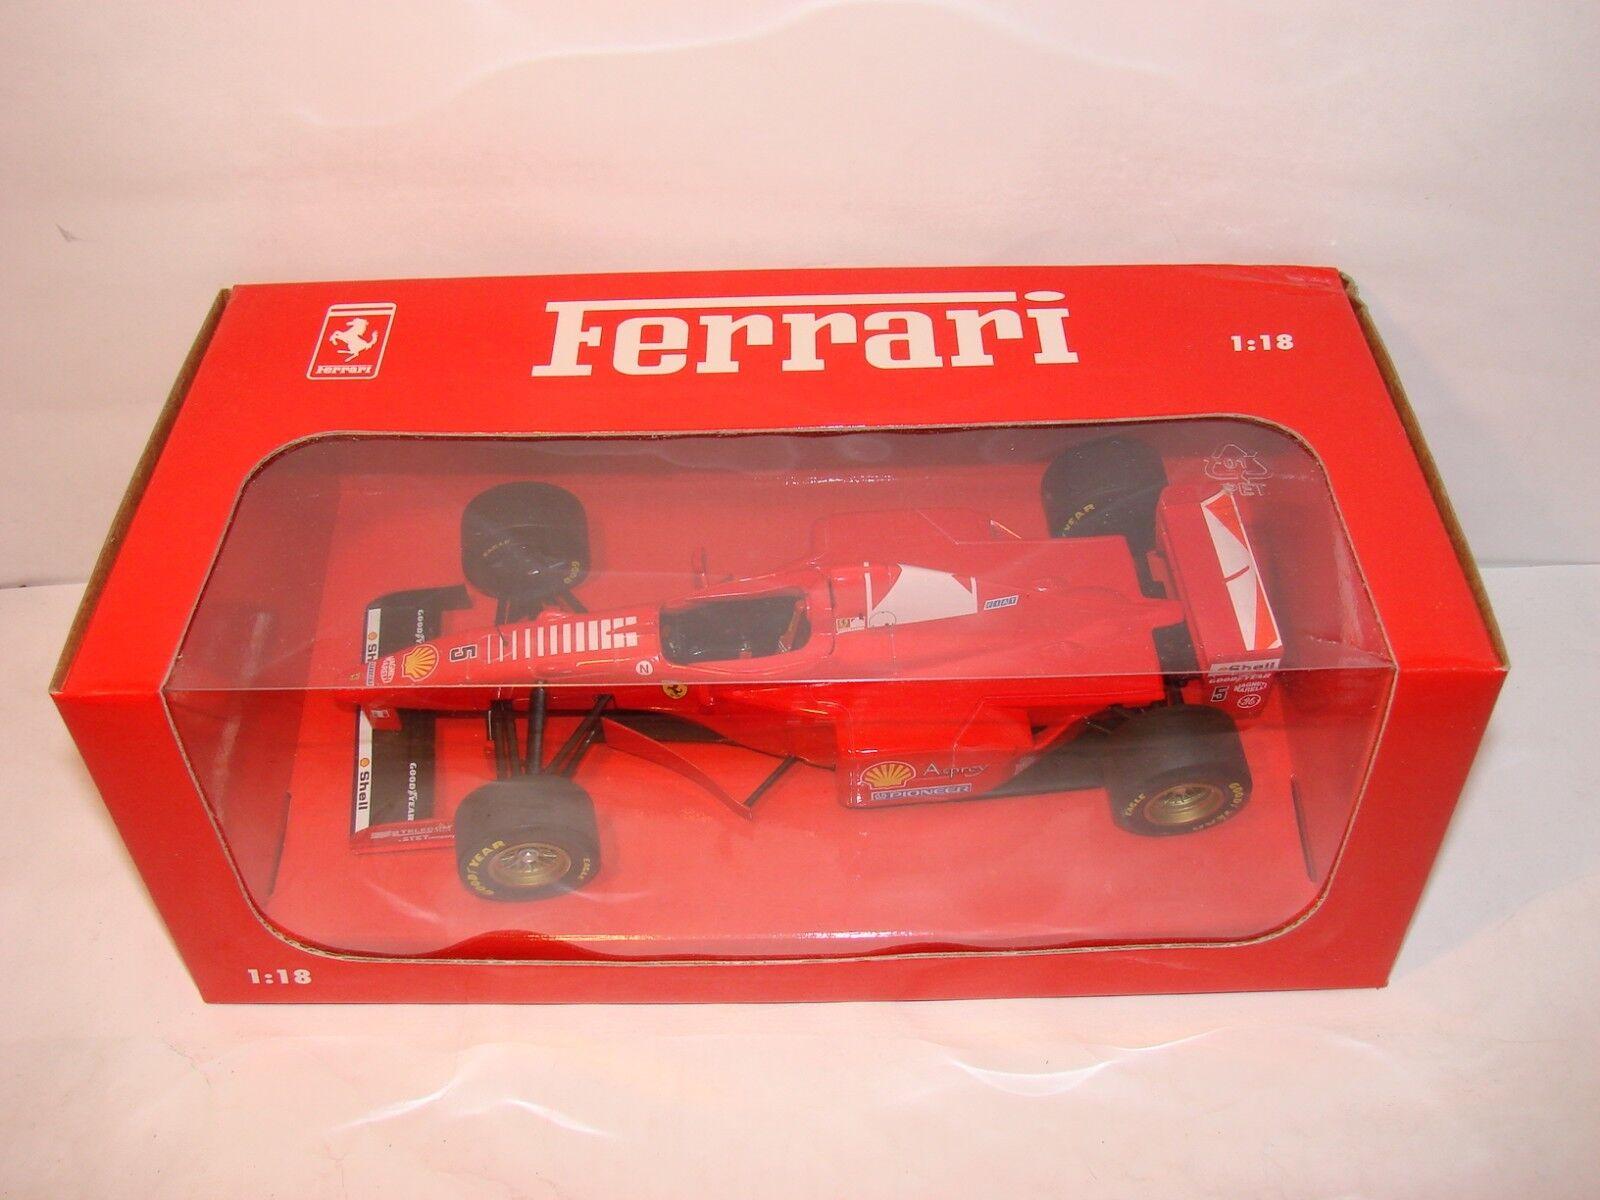 1 18 MINICHAMPS FERRARI f310b saison 1997 emballage spécial, Michael Schumacher